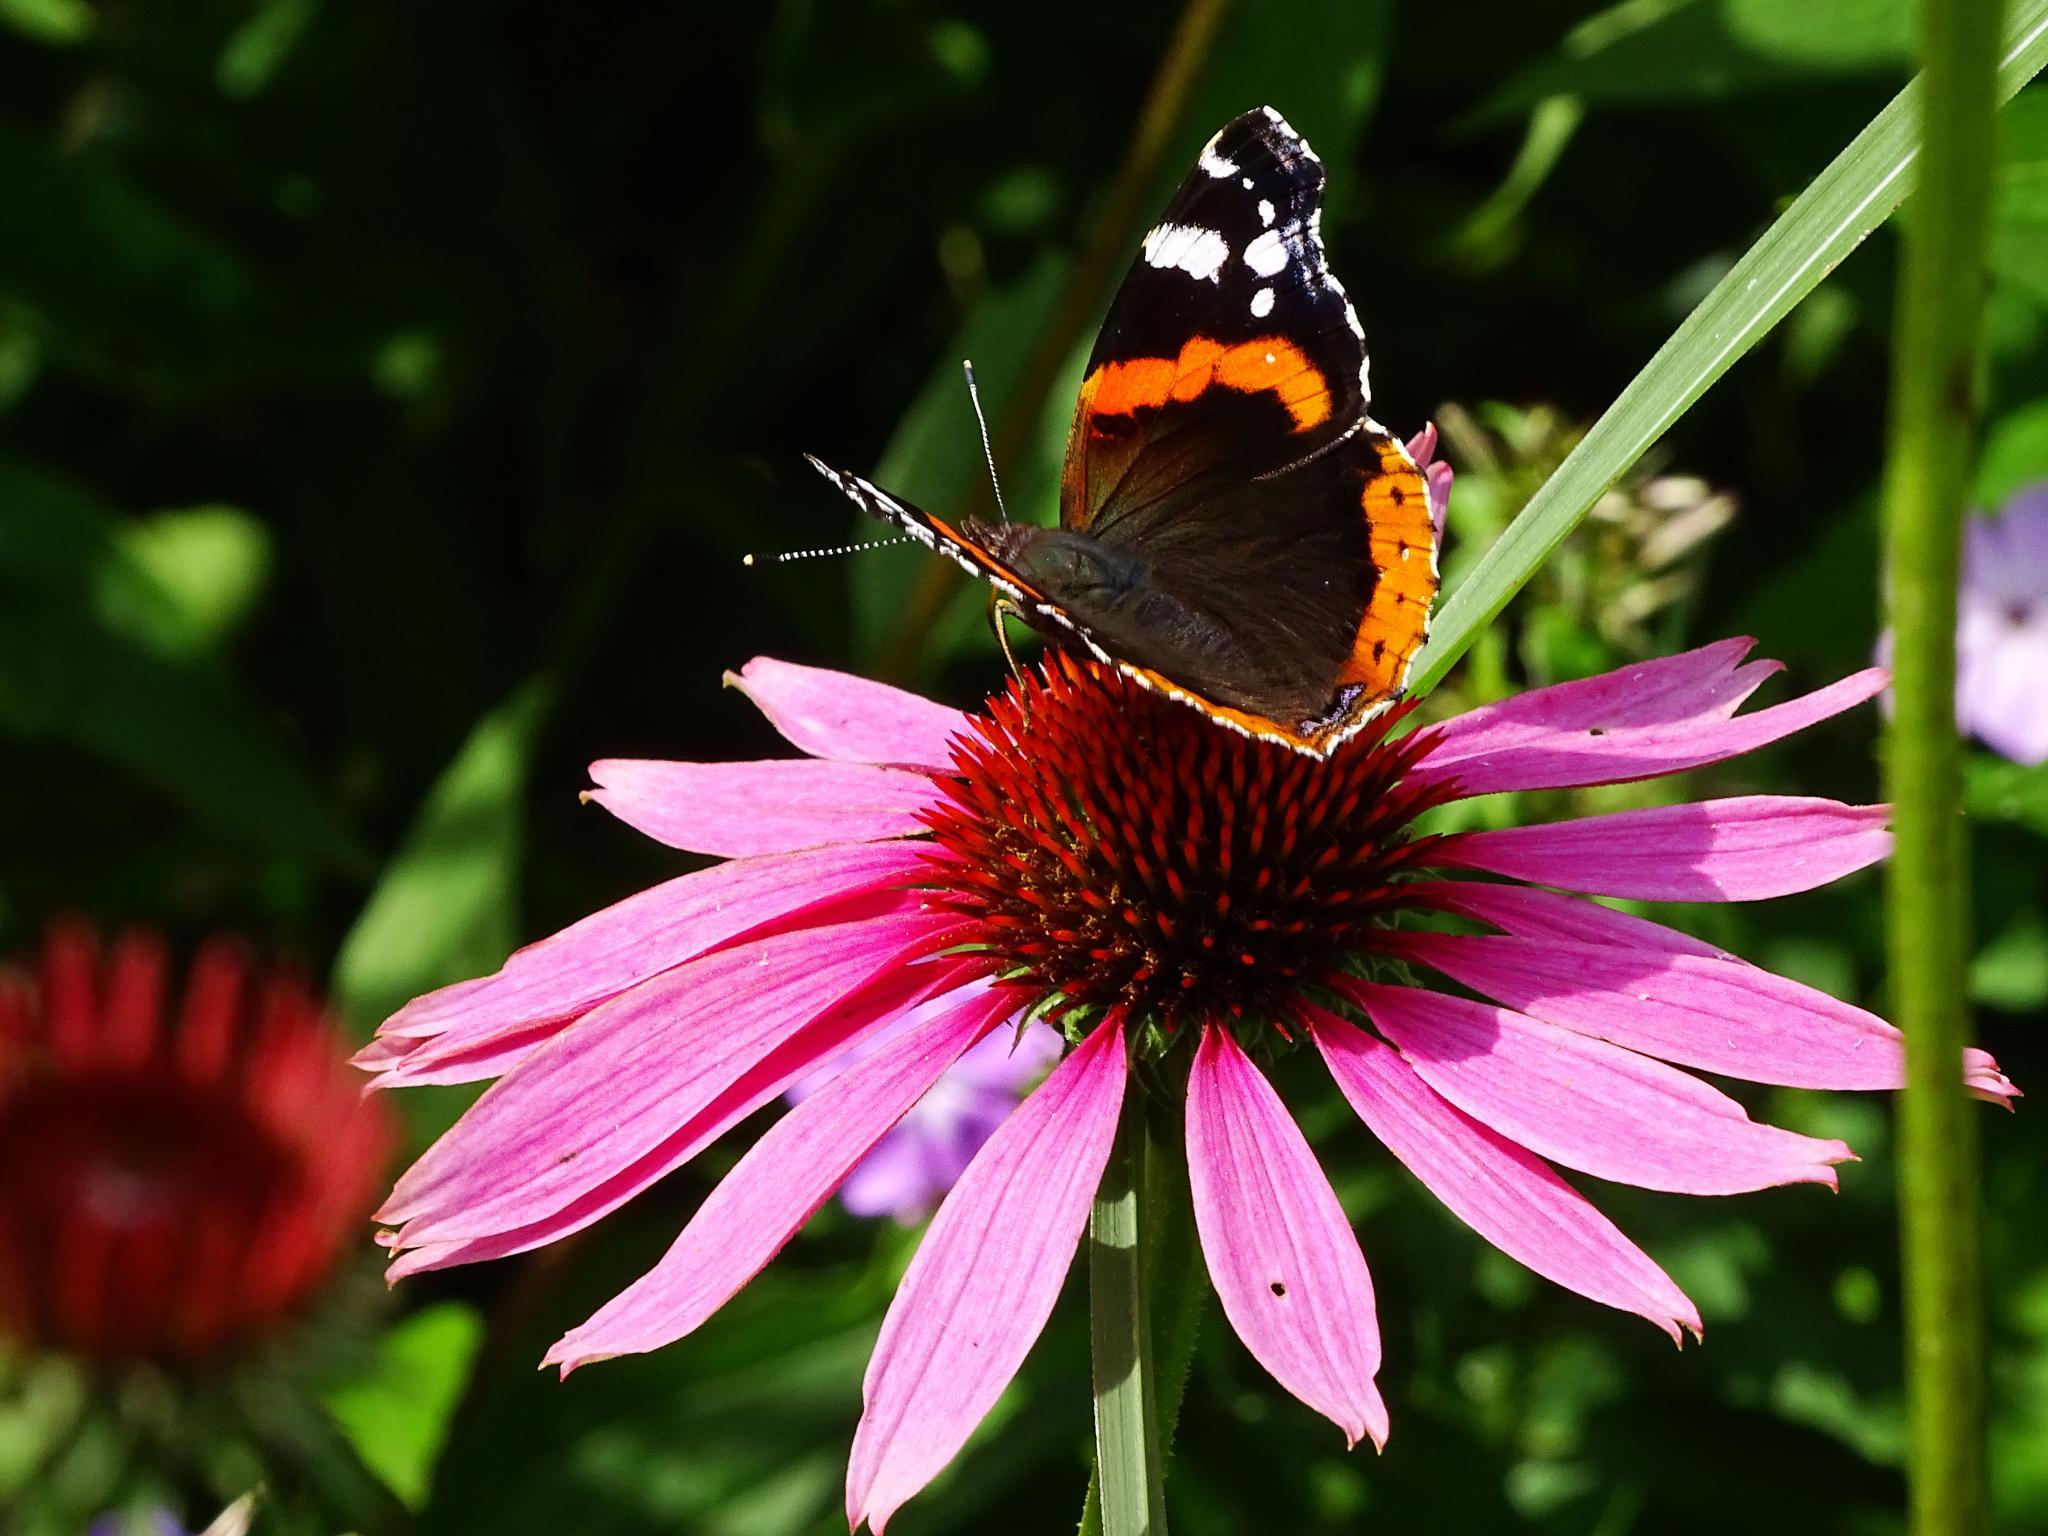 Butterfly by missjoy86